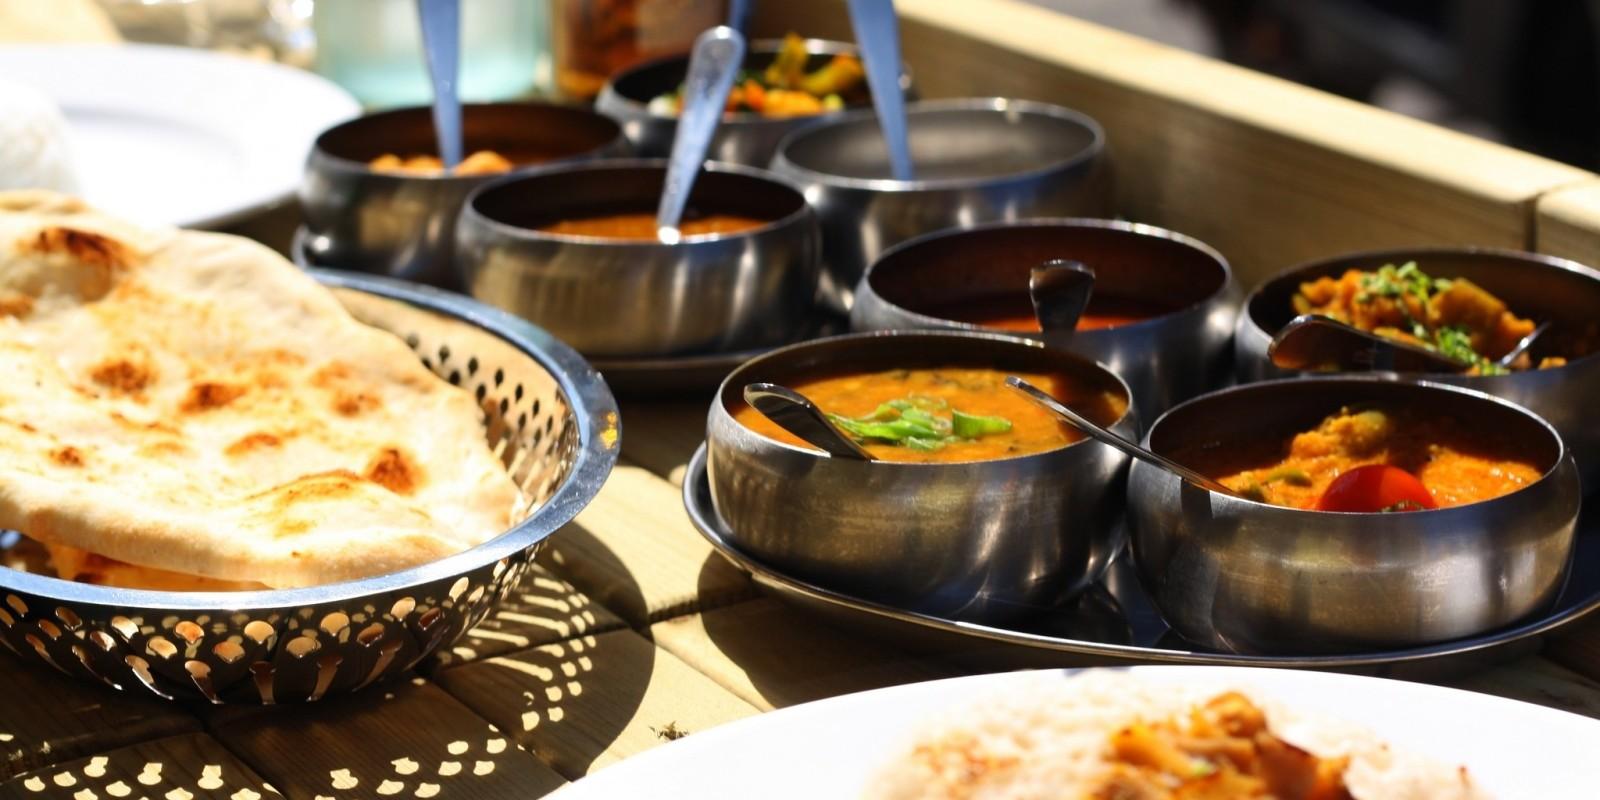 ristoranti etnici a Treviso e provincia per mangiare qualcosa di diverso